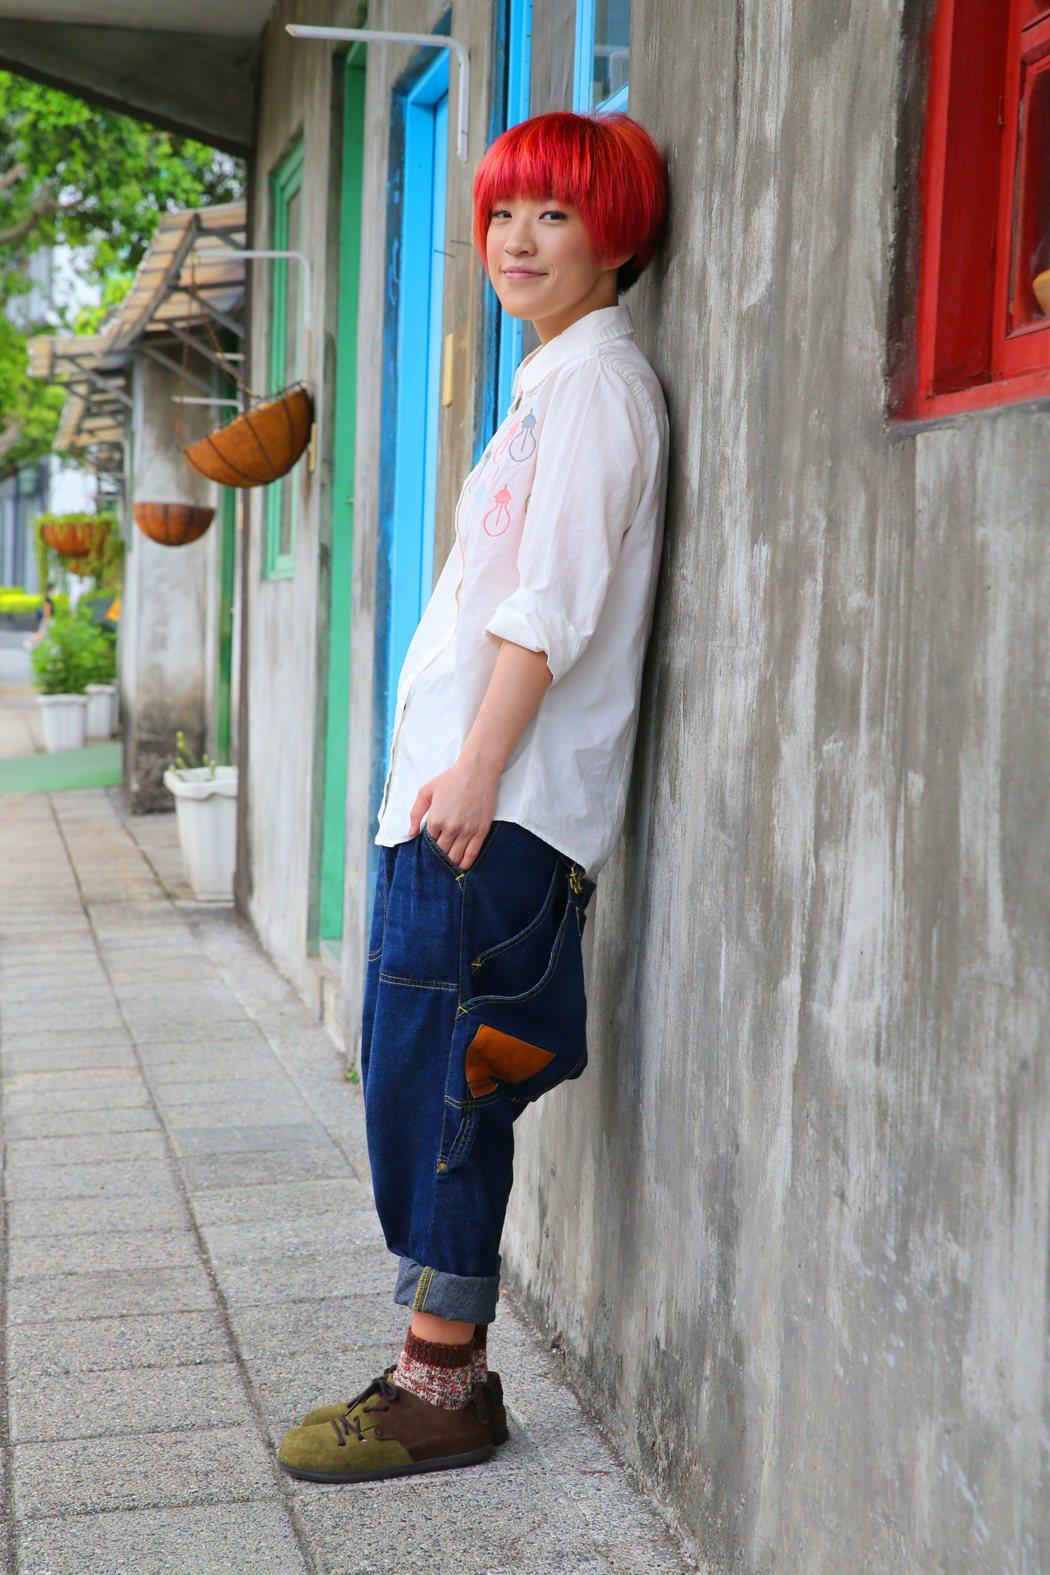 專訪獨立樂團「棉花糖」主唱「小球」莊鵑瑛。記者許正宏/攝影